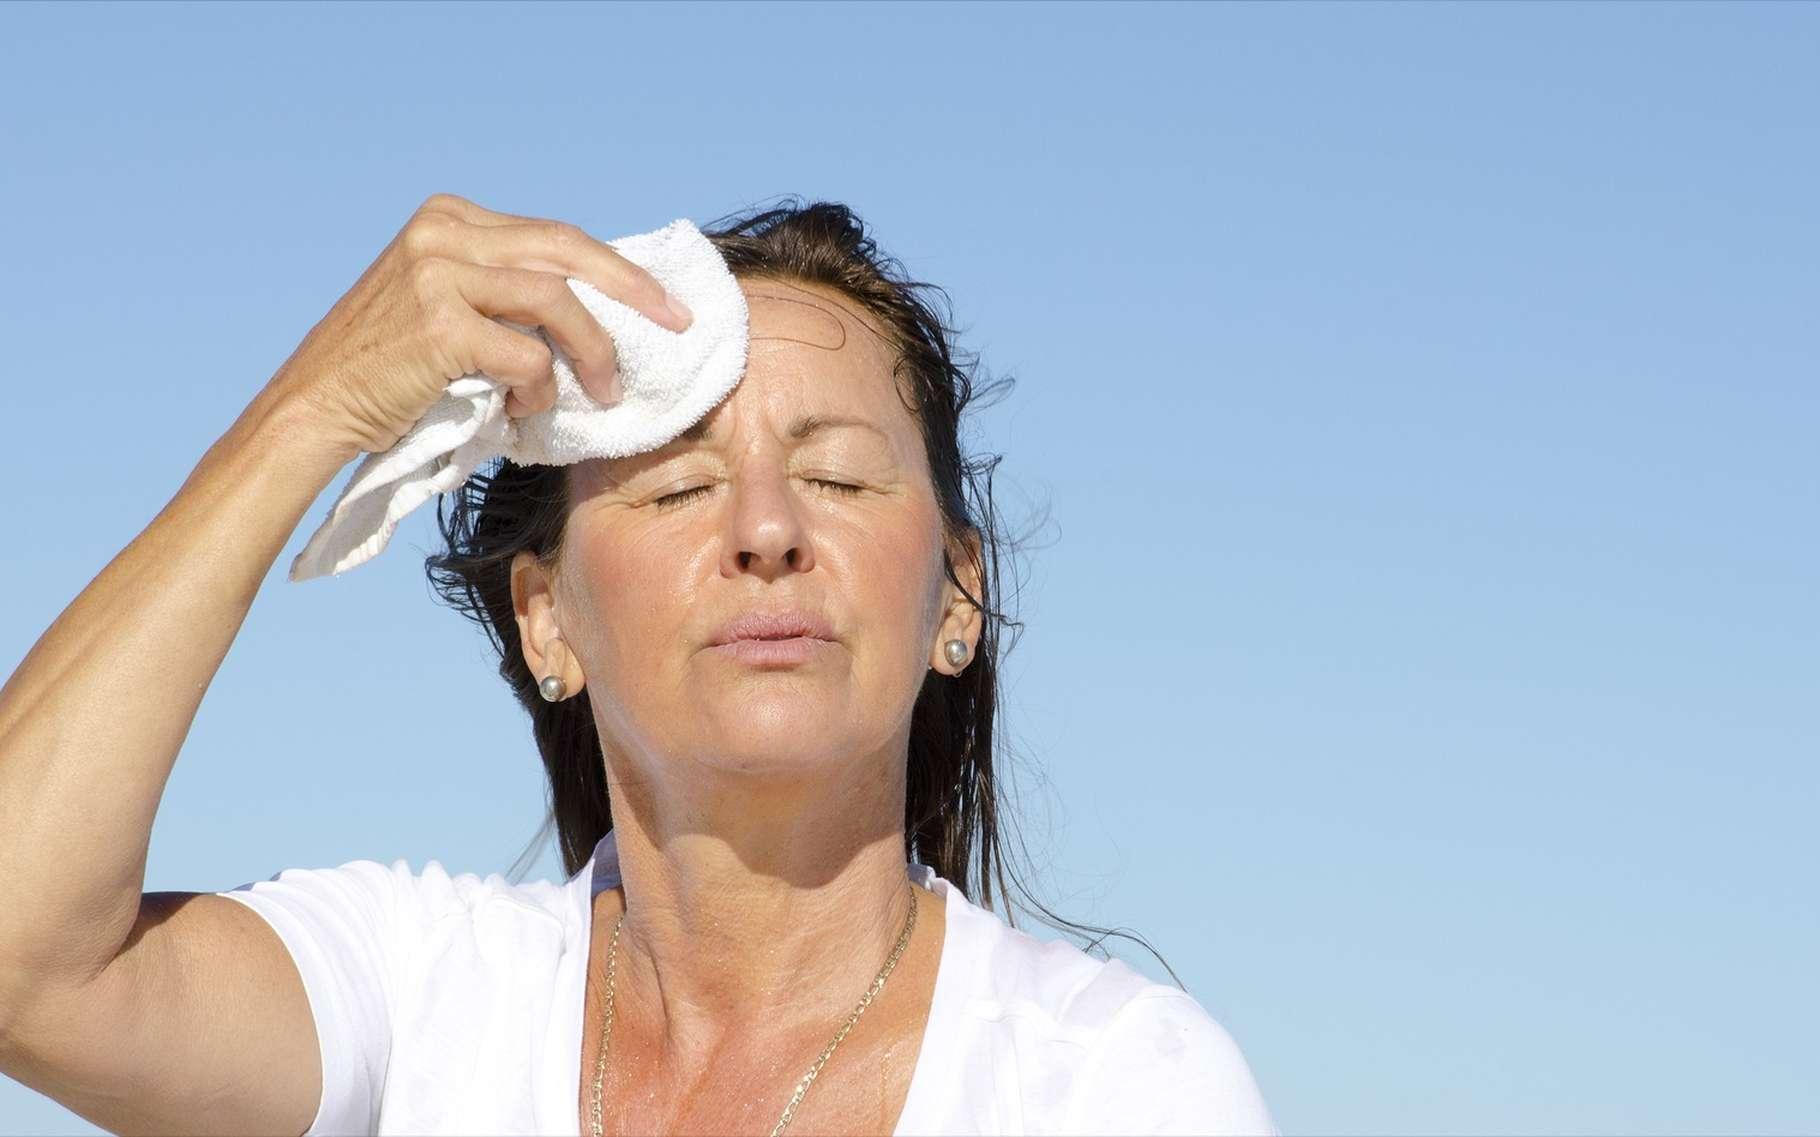 Les bouffées de chaleur de la ménopause auraient des causes génétiques. © Rob Bayer, Shutterstock